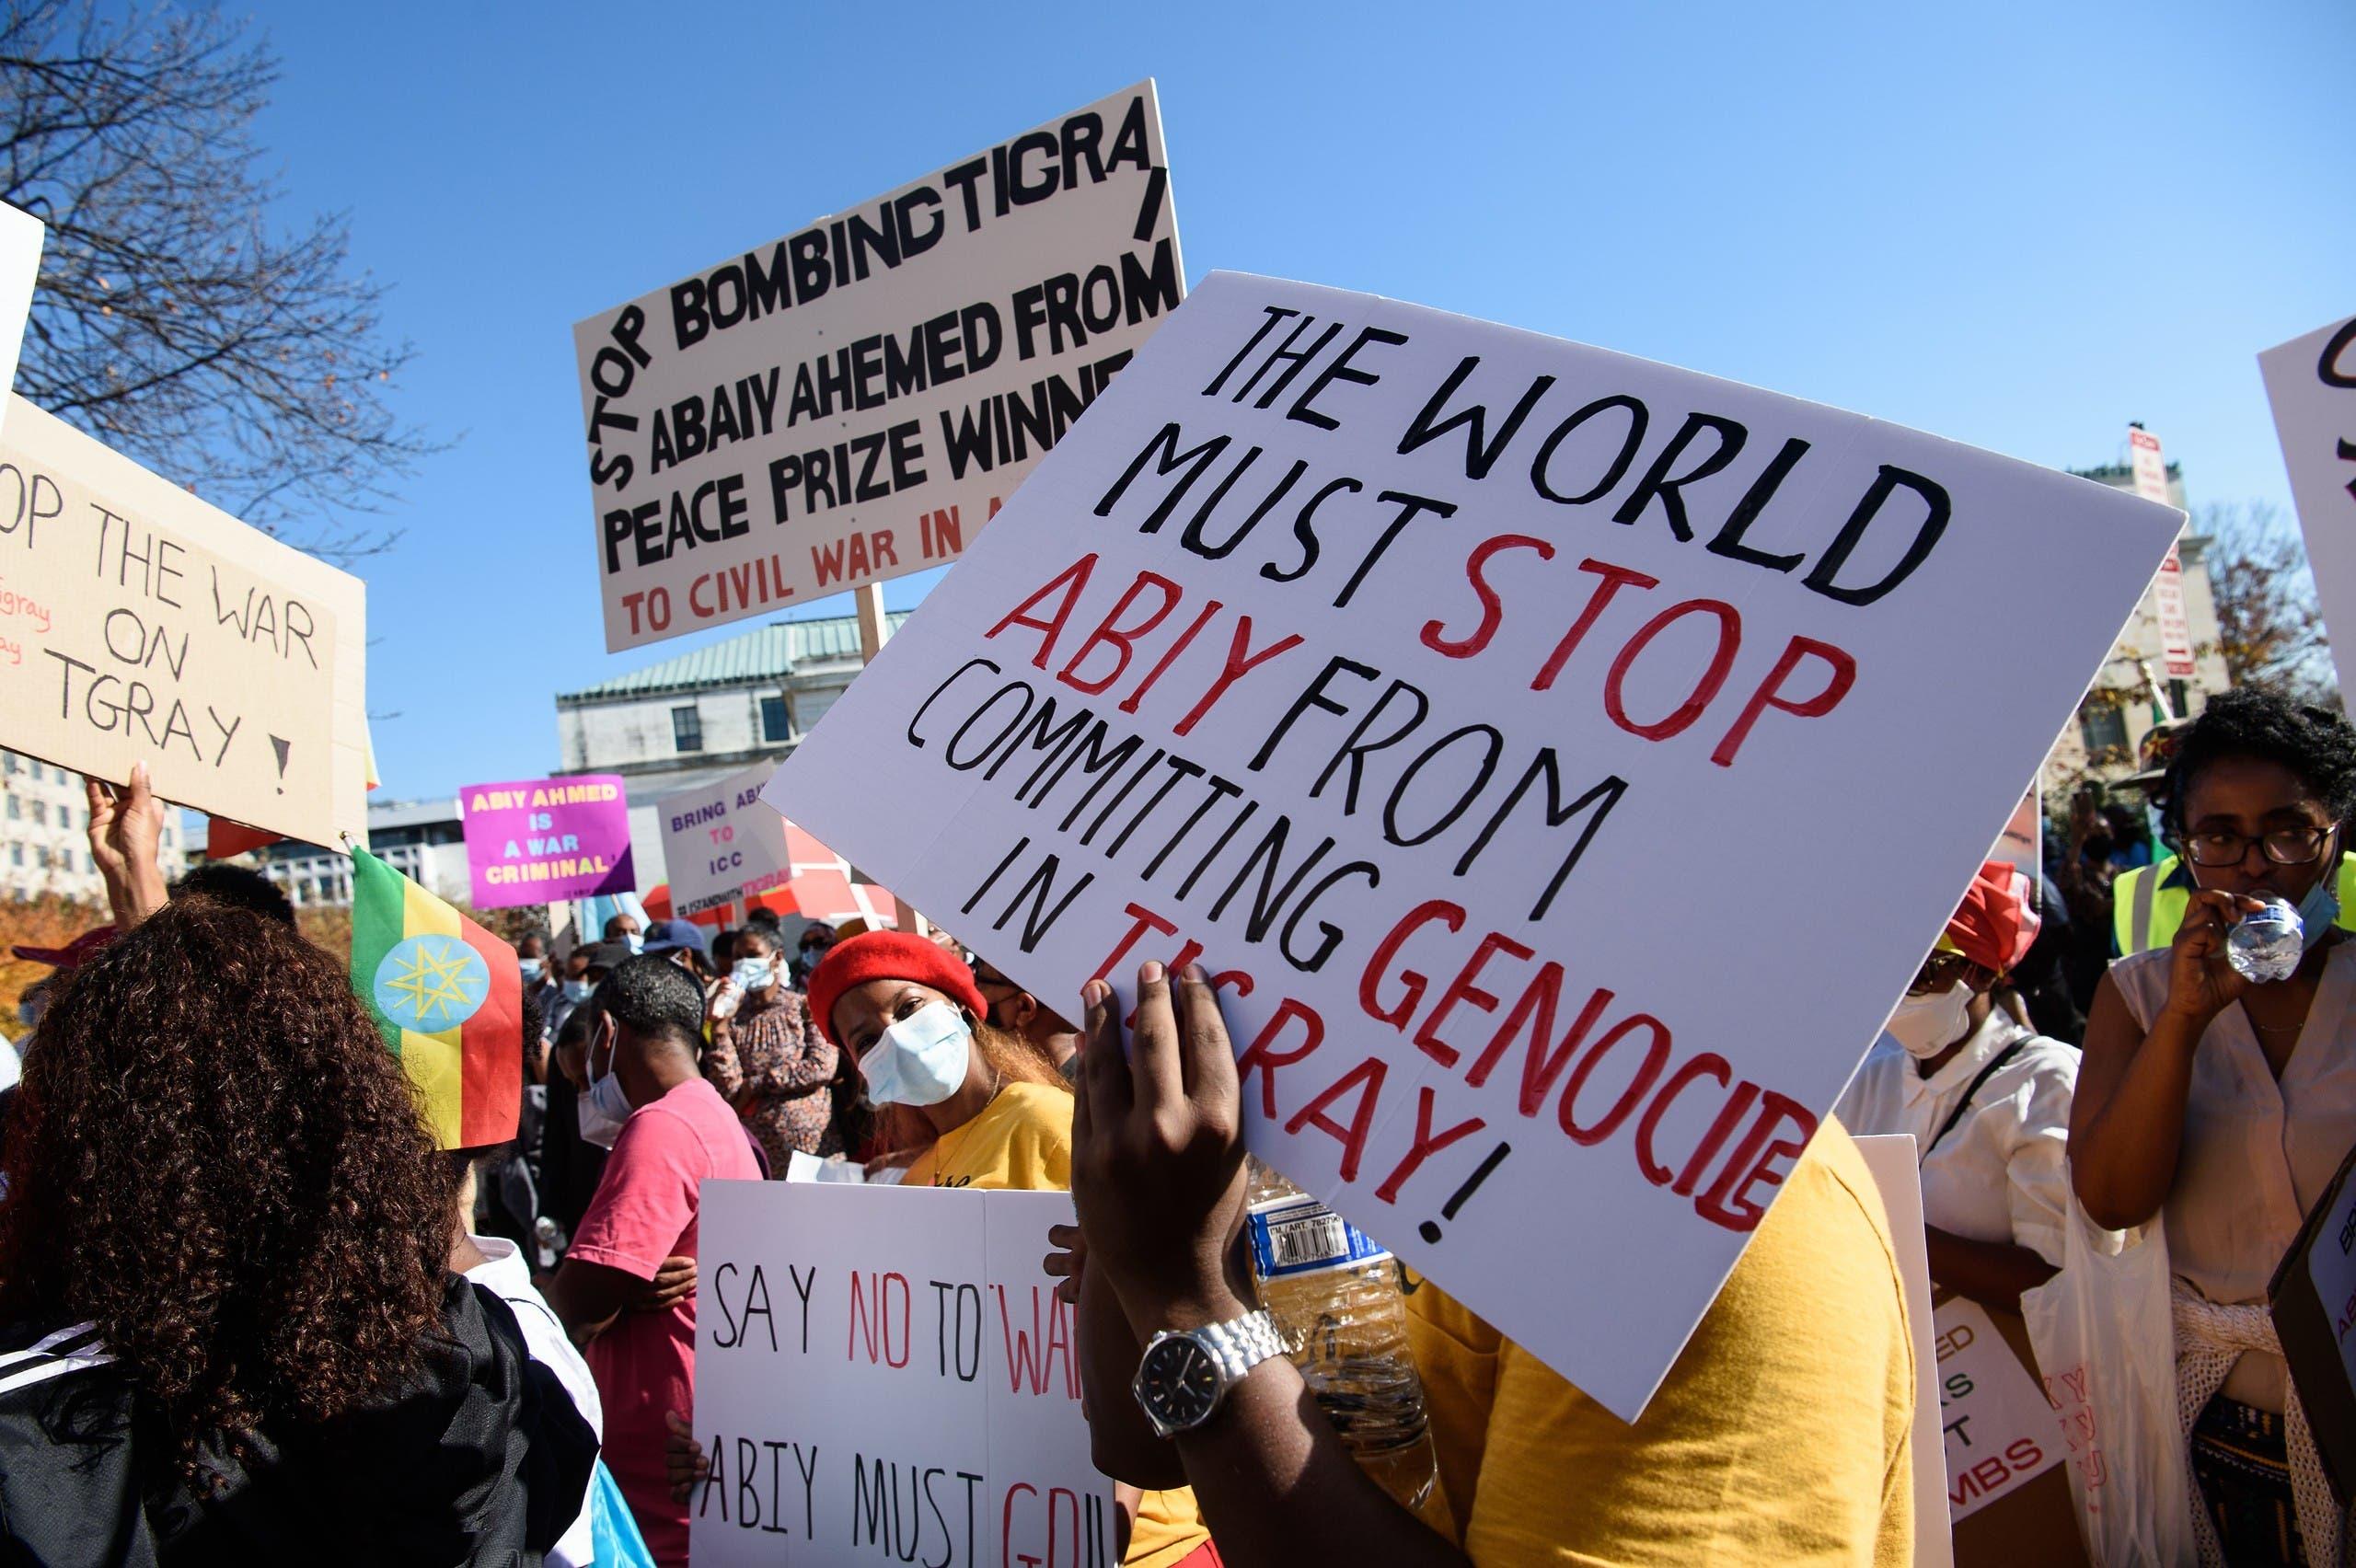 تظاهرة أمام وزارة الخارجية الأميركية في واشنطن ضد العملية العسكرية الاثيوبية في تيغراي